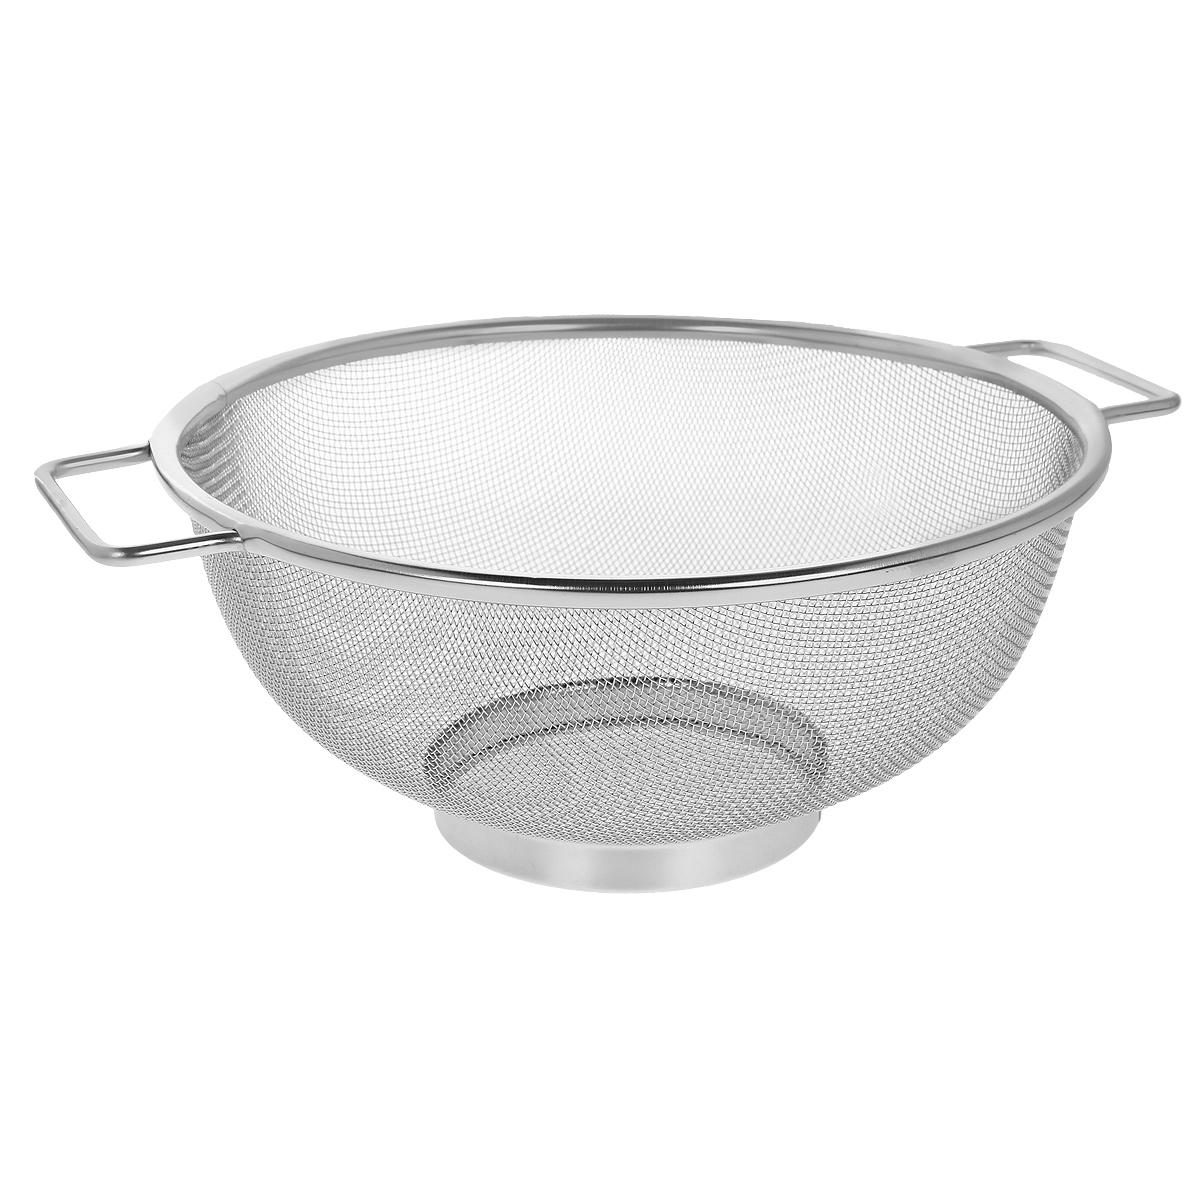 Сито Bekker, диаметр 23 см. BK-9221BK-9221Сито Bekker, выполненное из нержавеющей стали, станет незаменимым аксессуаром на вашей кухне. Предназначено для просеивания и процеживания муки, промывания круп, ягод и фруктов. Сито оснащено удобными ручками. Прочная стальная сетка и корпус обеспечивают изделию износостойкость и долговечность. Подходит для чистки в посудомоечной машине. Характеристики: Материал: нержавеющая сталь. Диаметр: 23 см. Высота: 10 см. Производитель: Германия. Изготовитель: Китай. Артикул: BK-9221.